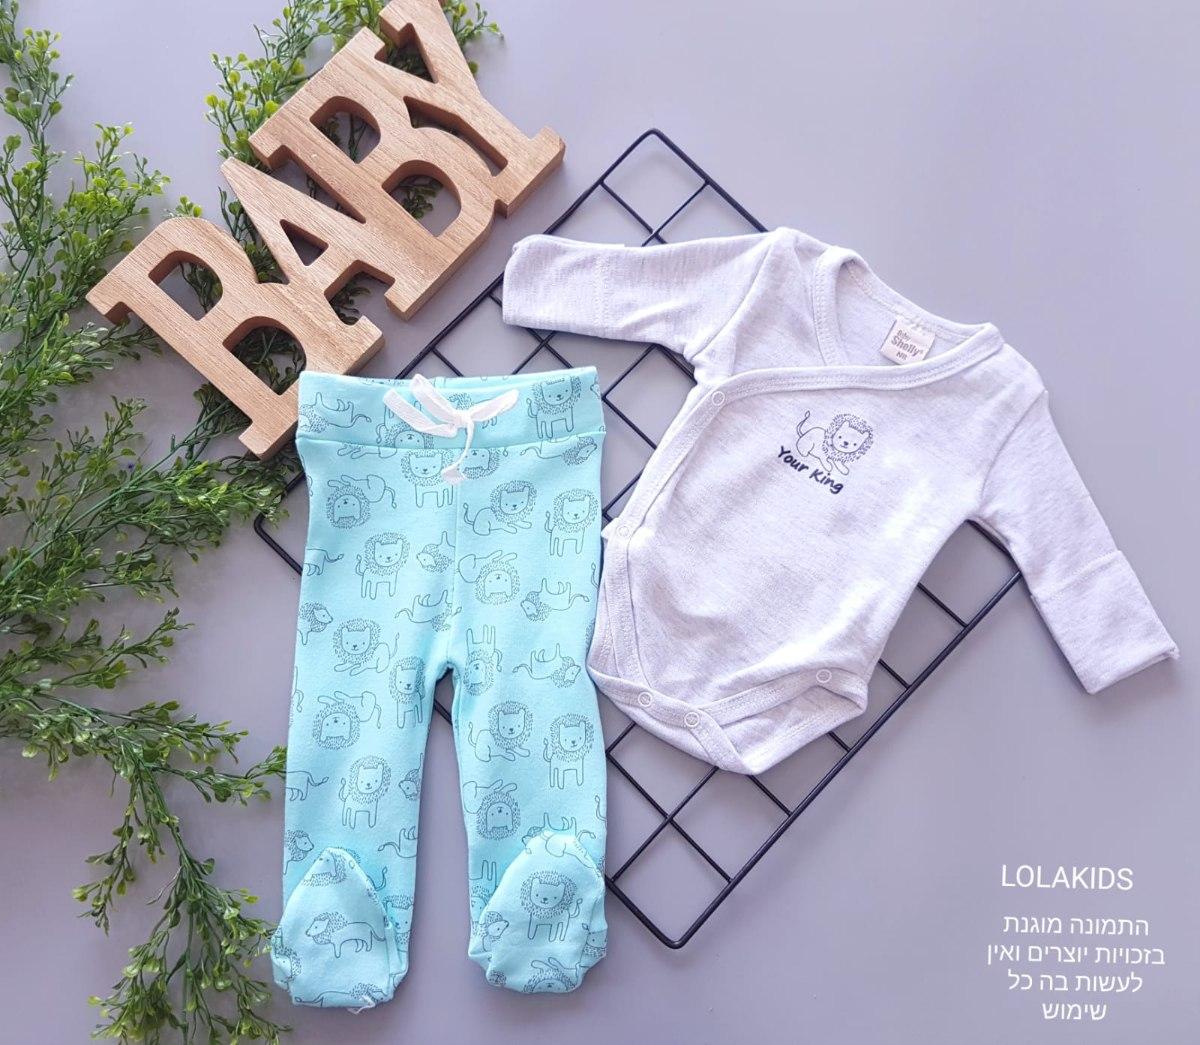 חליפה בגד גוף מעטפת ומכנס רגליות דגם 6